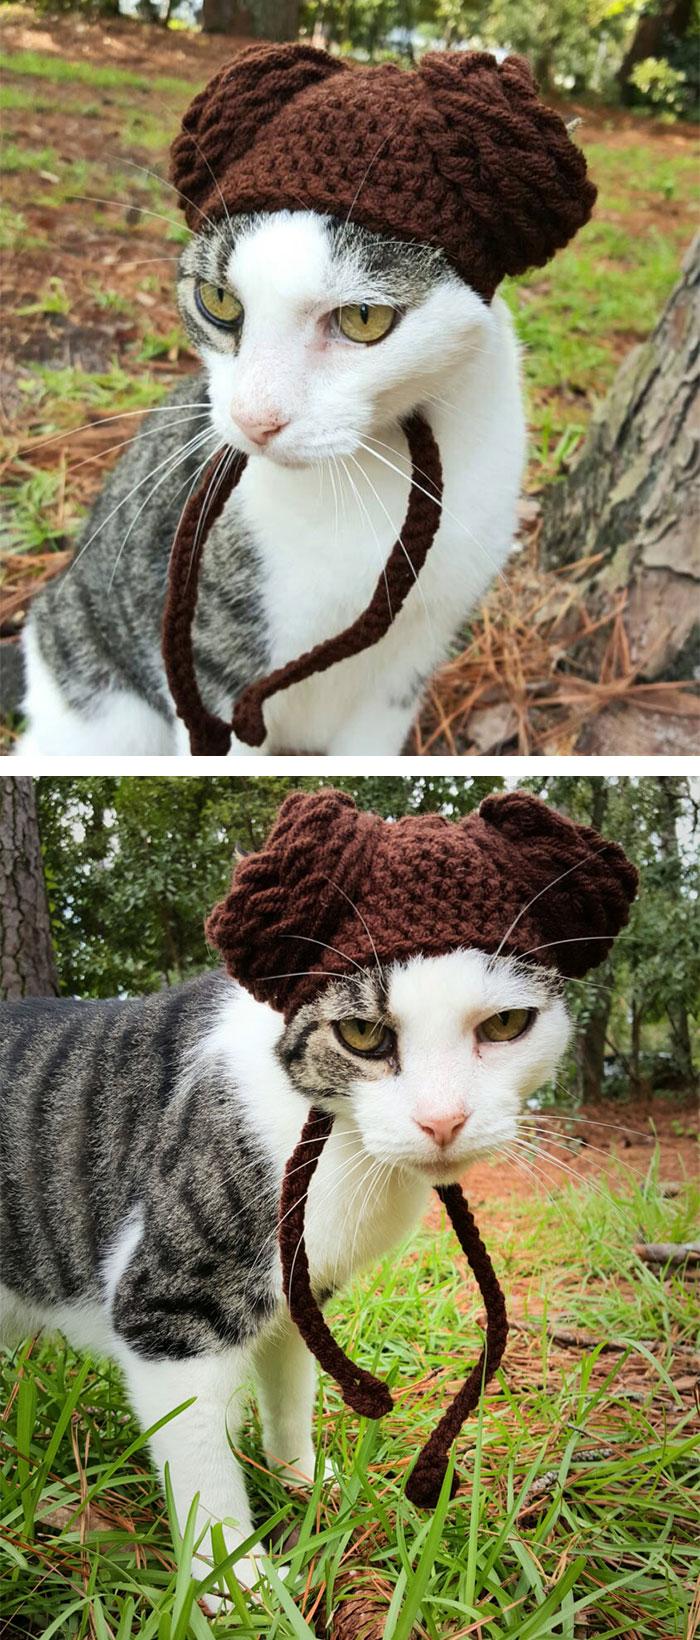 cappelli-animali-uncinetto-fatti-mano-meredith-langley-13